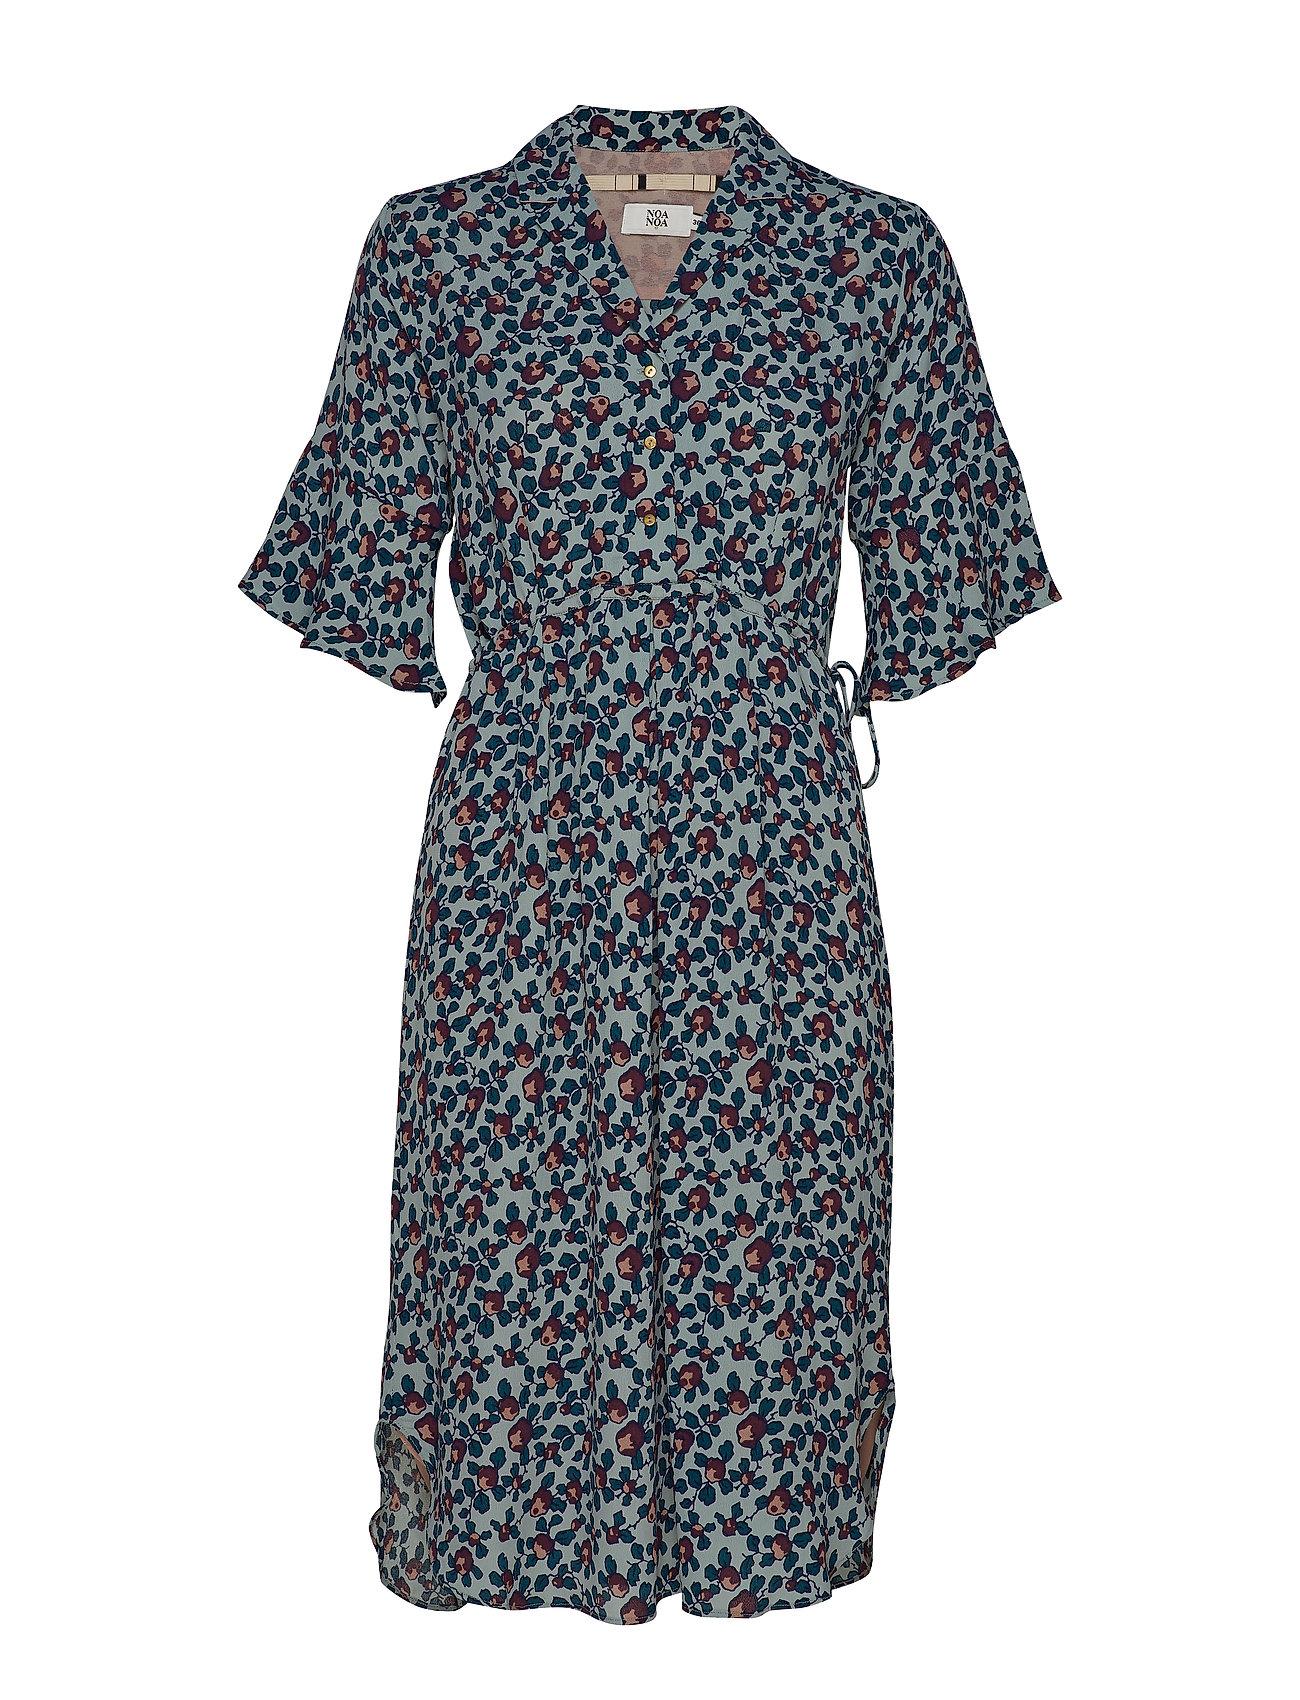 Sleeveprint Dress Dress Short Sleeveprint Short Short Sleeveprint GreenNoa Short Sleeveprint Dress GreenNoa GreenNoa Dress WdQBxoerC